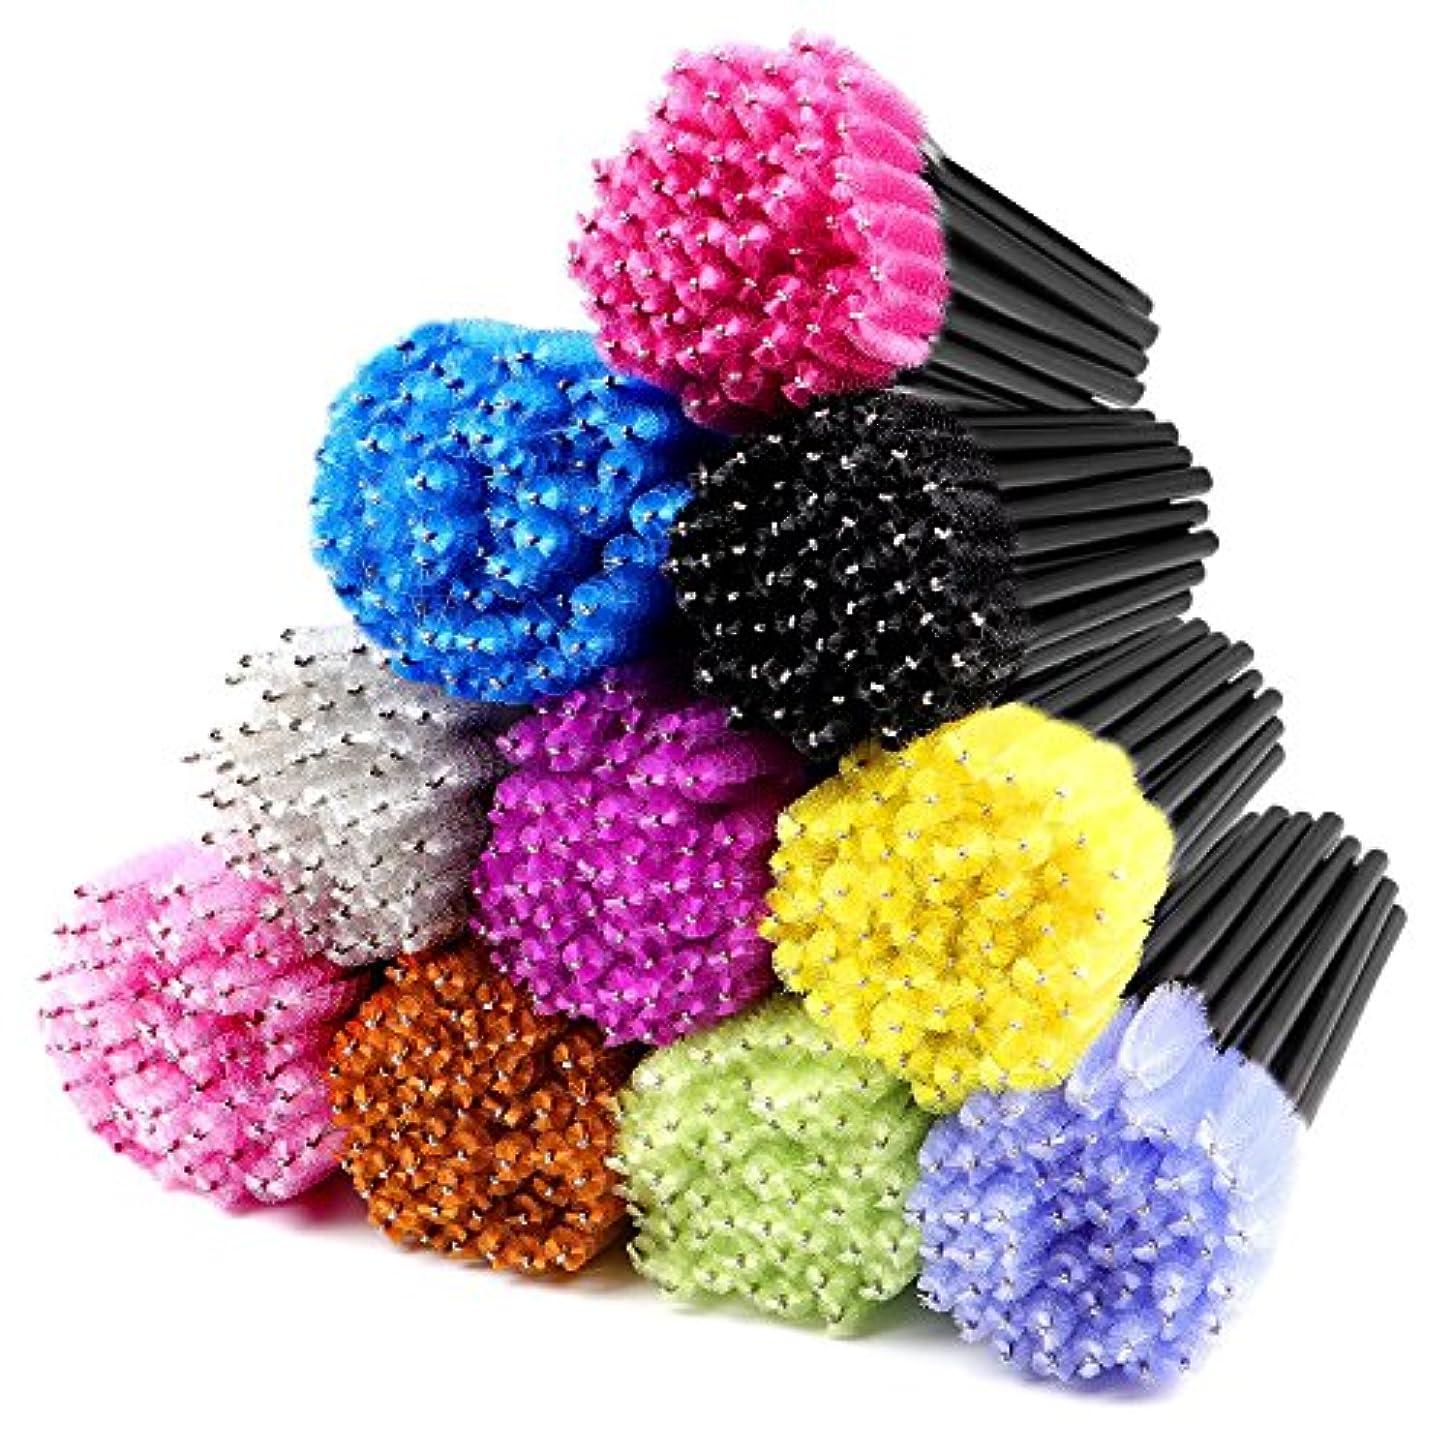 パッケージが含まれる:500ピース多色使い捨てマスカラテスタワンドキットは、10の異なる色のまつげ眉毛色あたり50個ブラシ含みます。